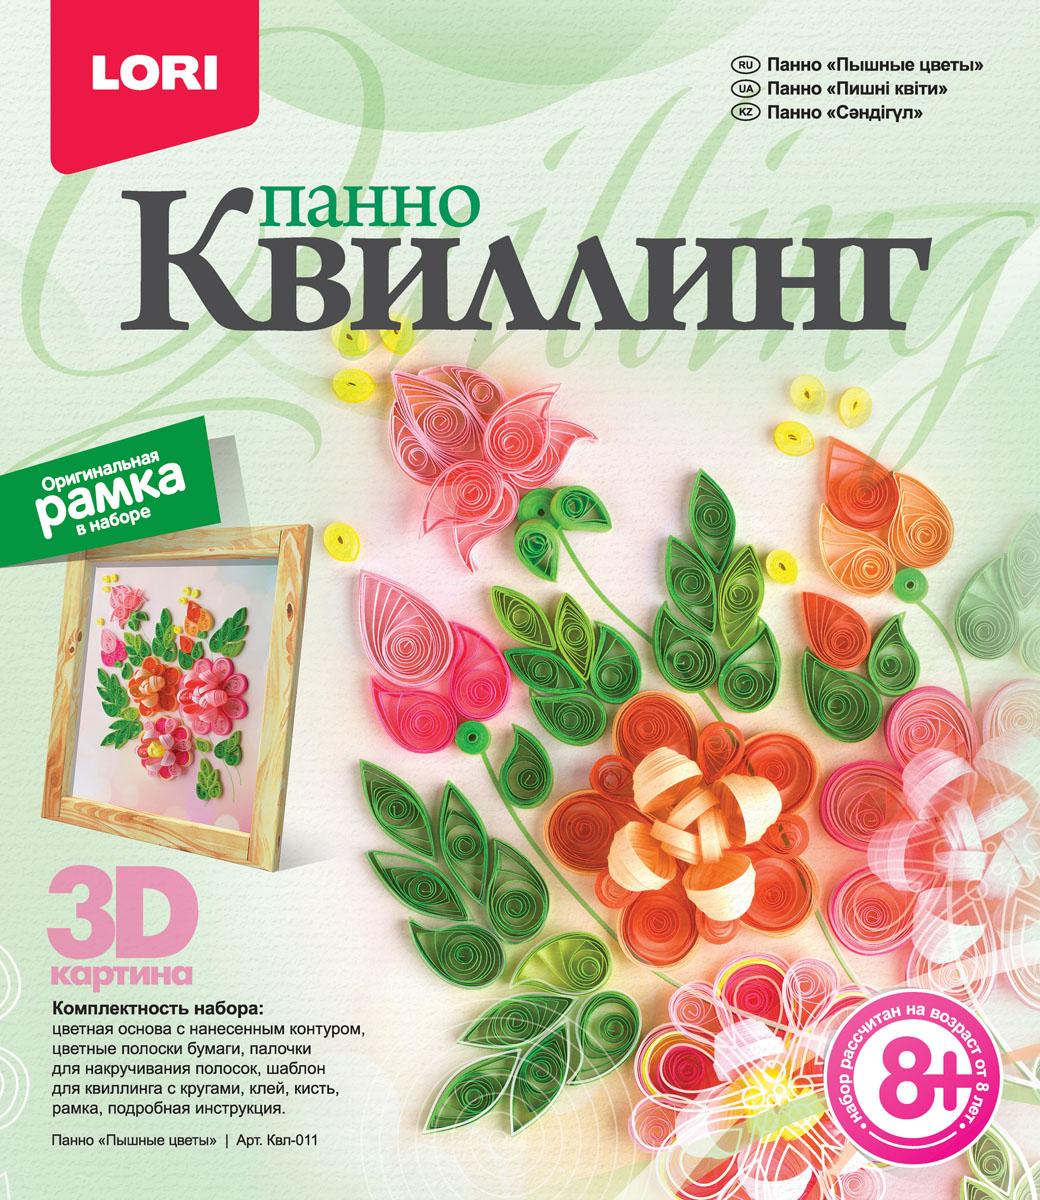 Lori Набор для квиллинга Панно Пышные цветы цена